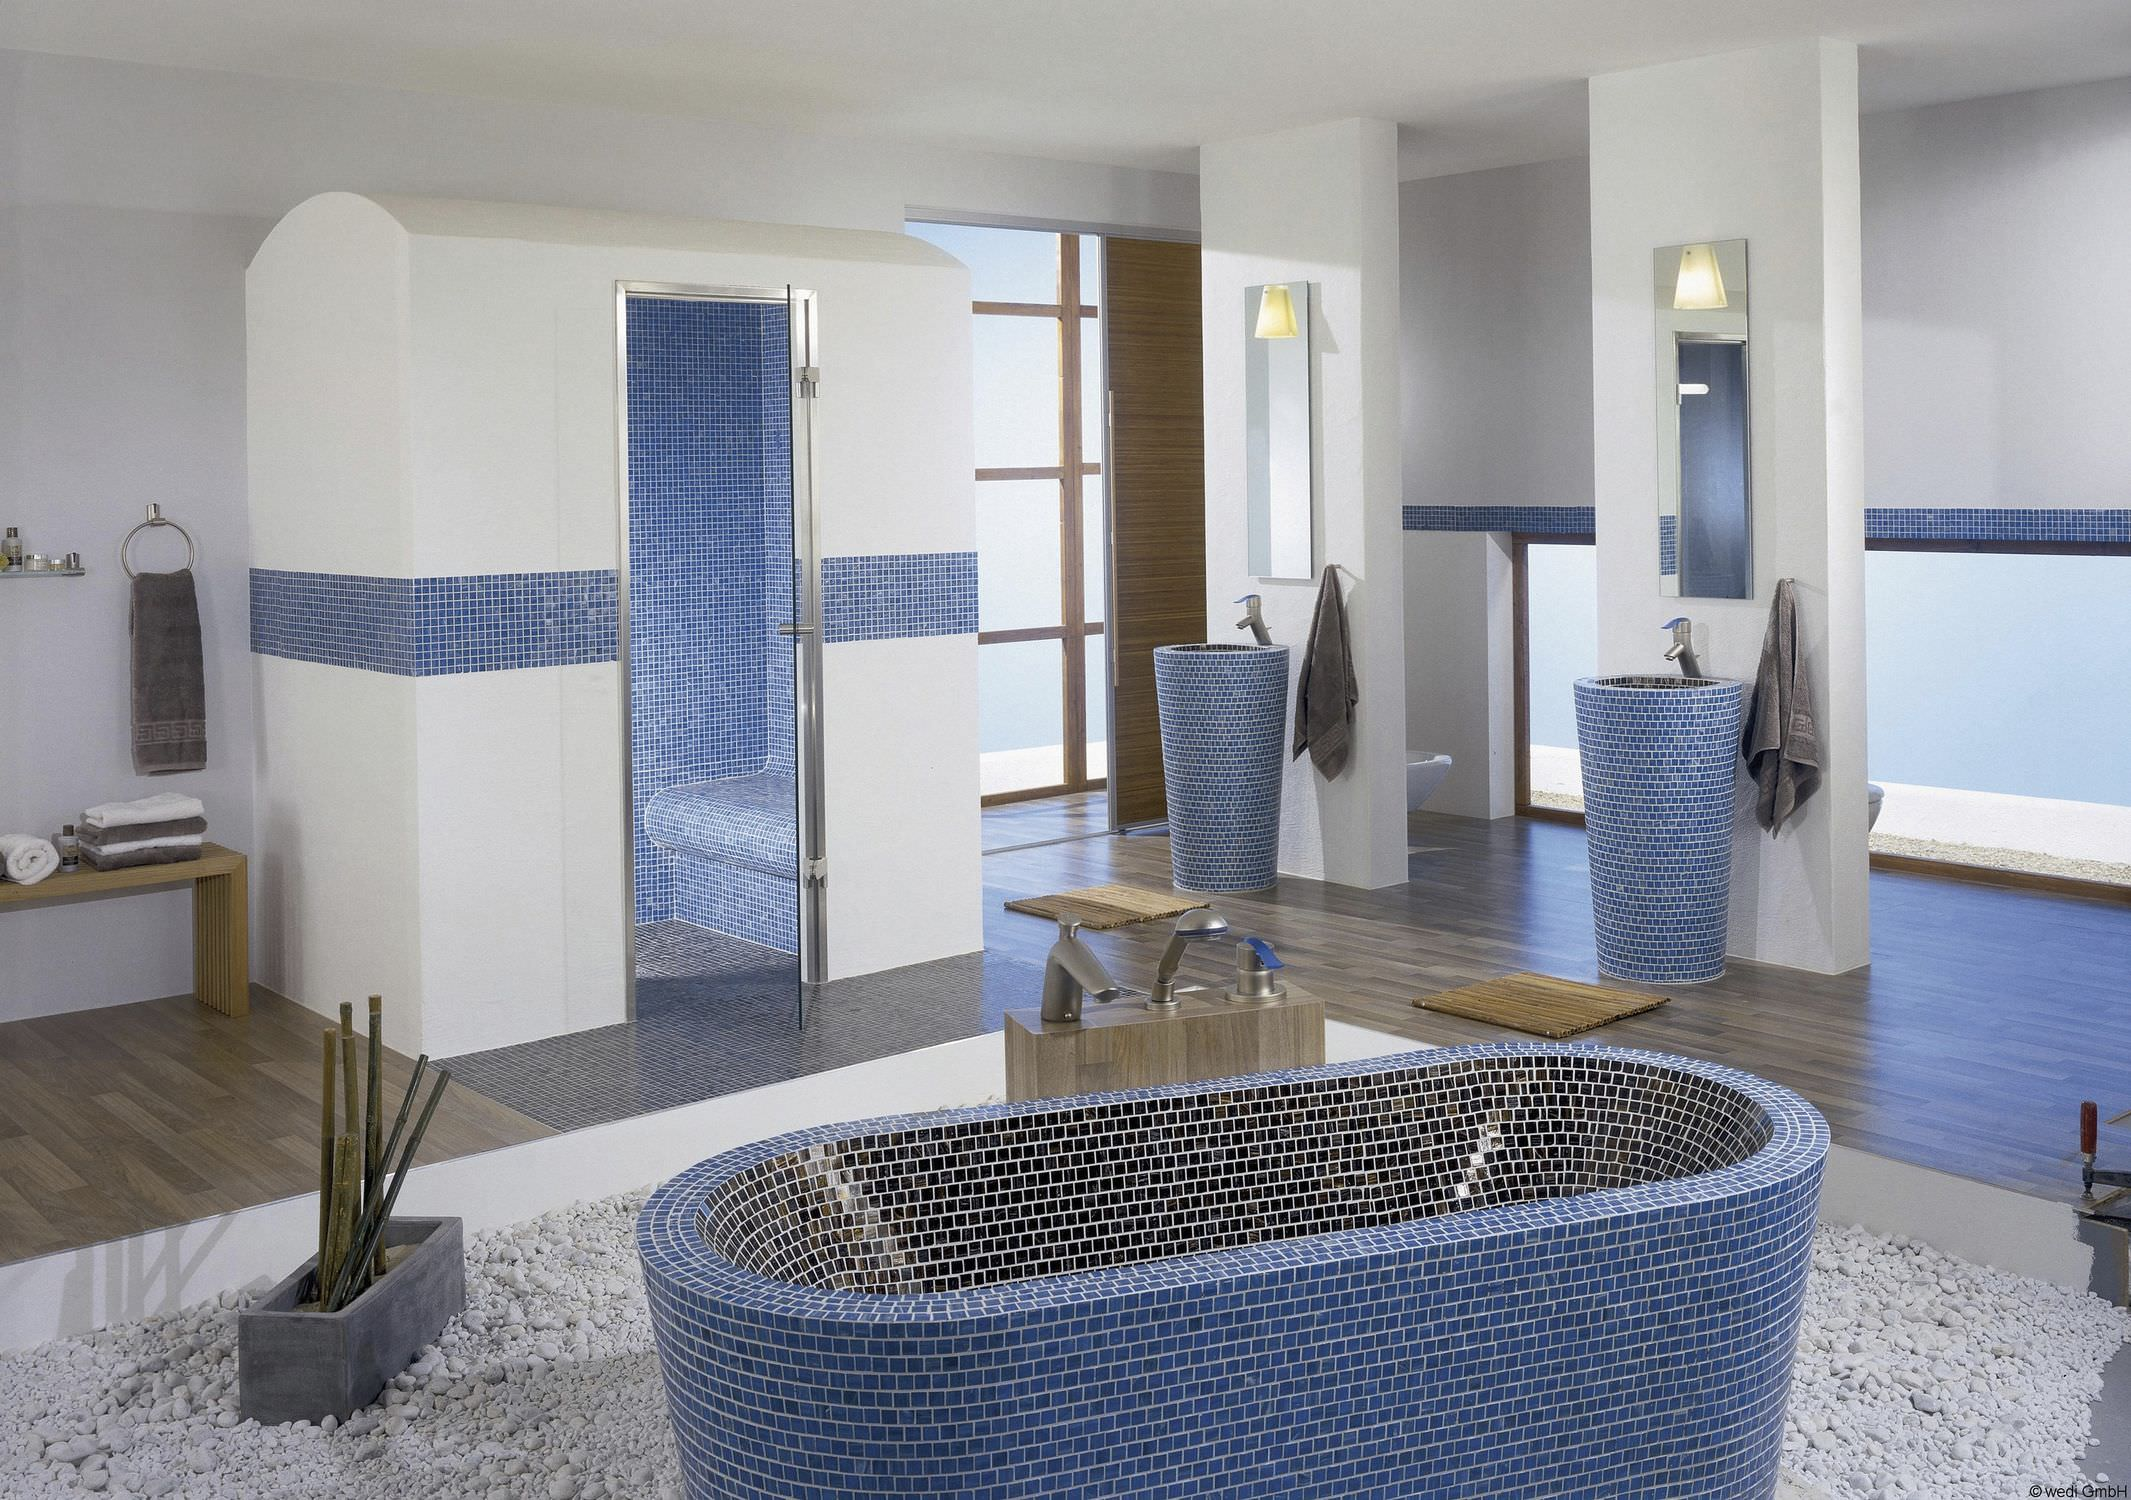 vonios kambario irengimas mozaikos plytelemis